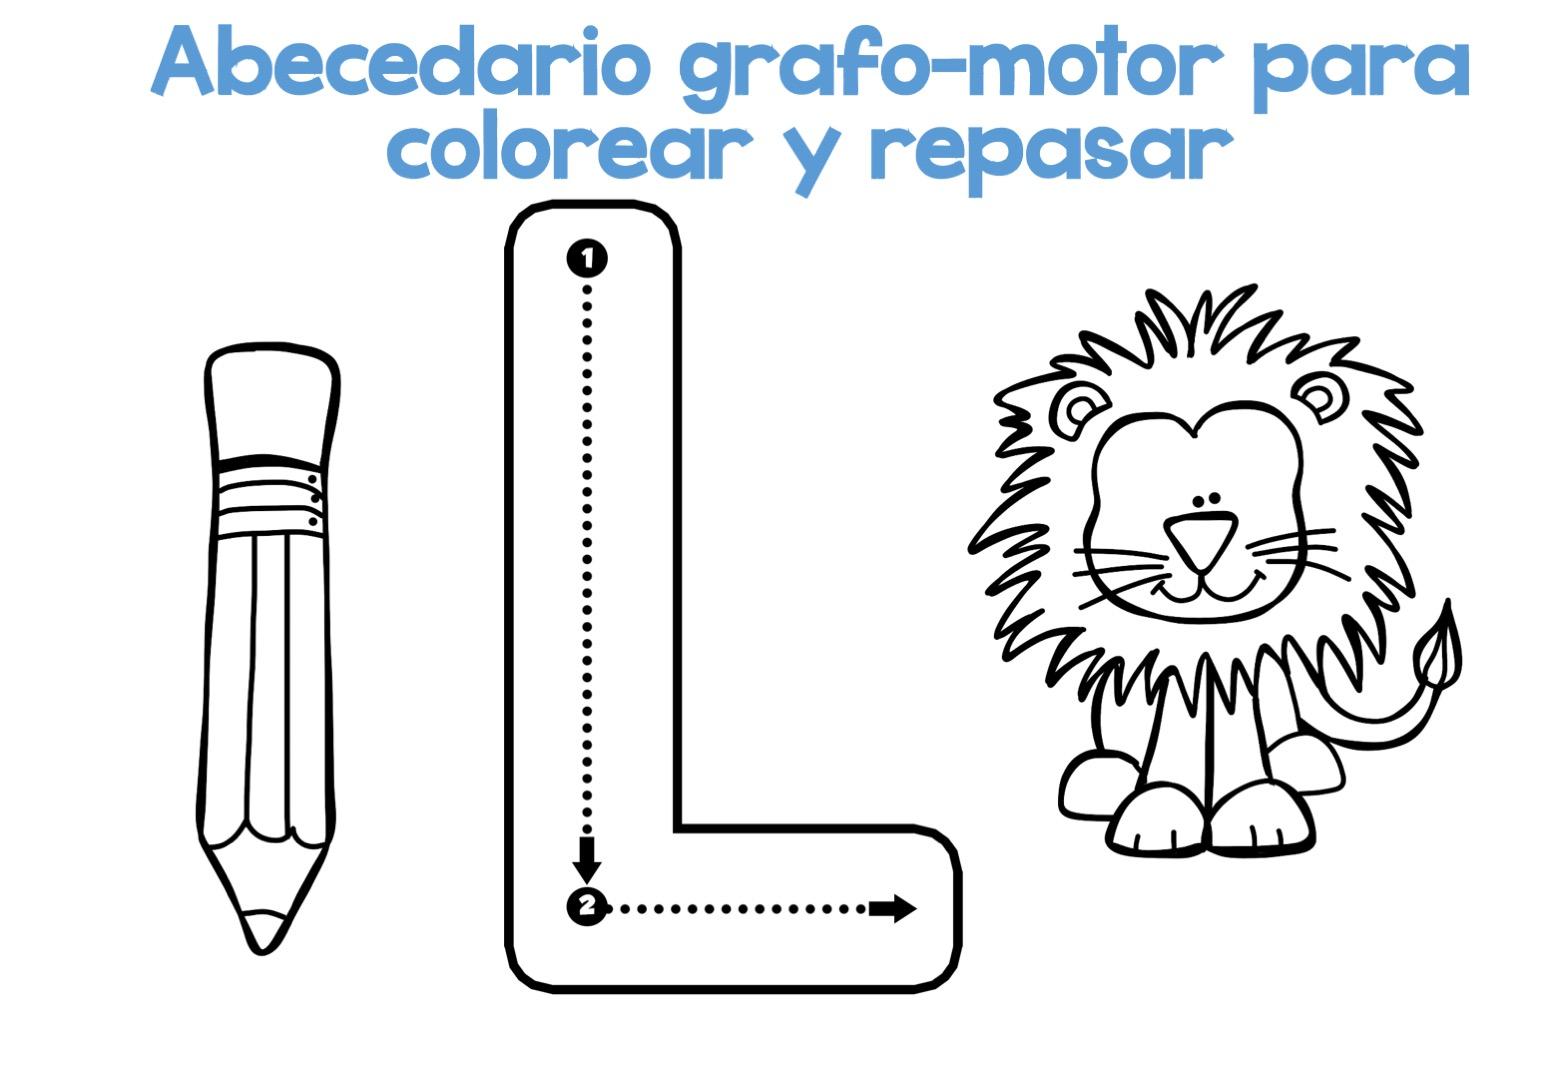 Completo Abecedario grafo-motor para colorear y repasar12 ...